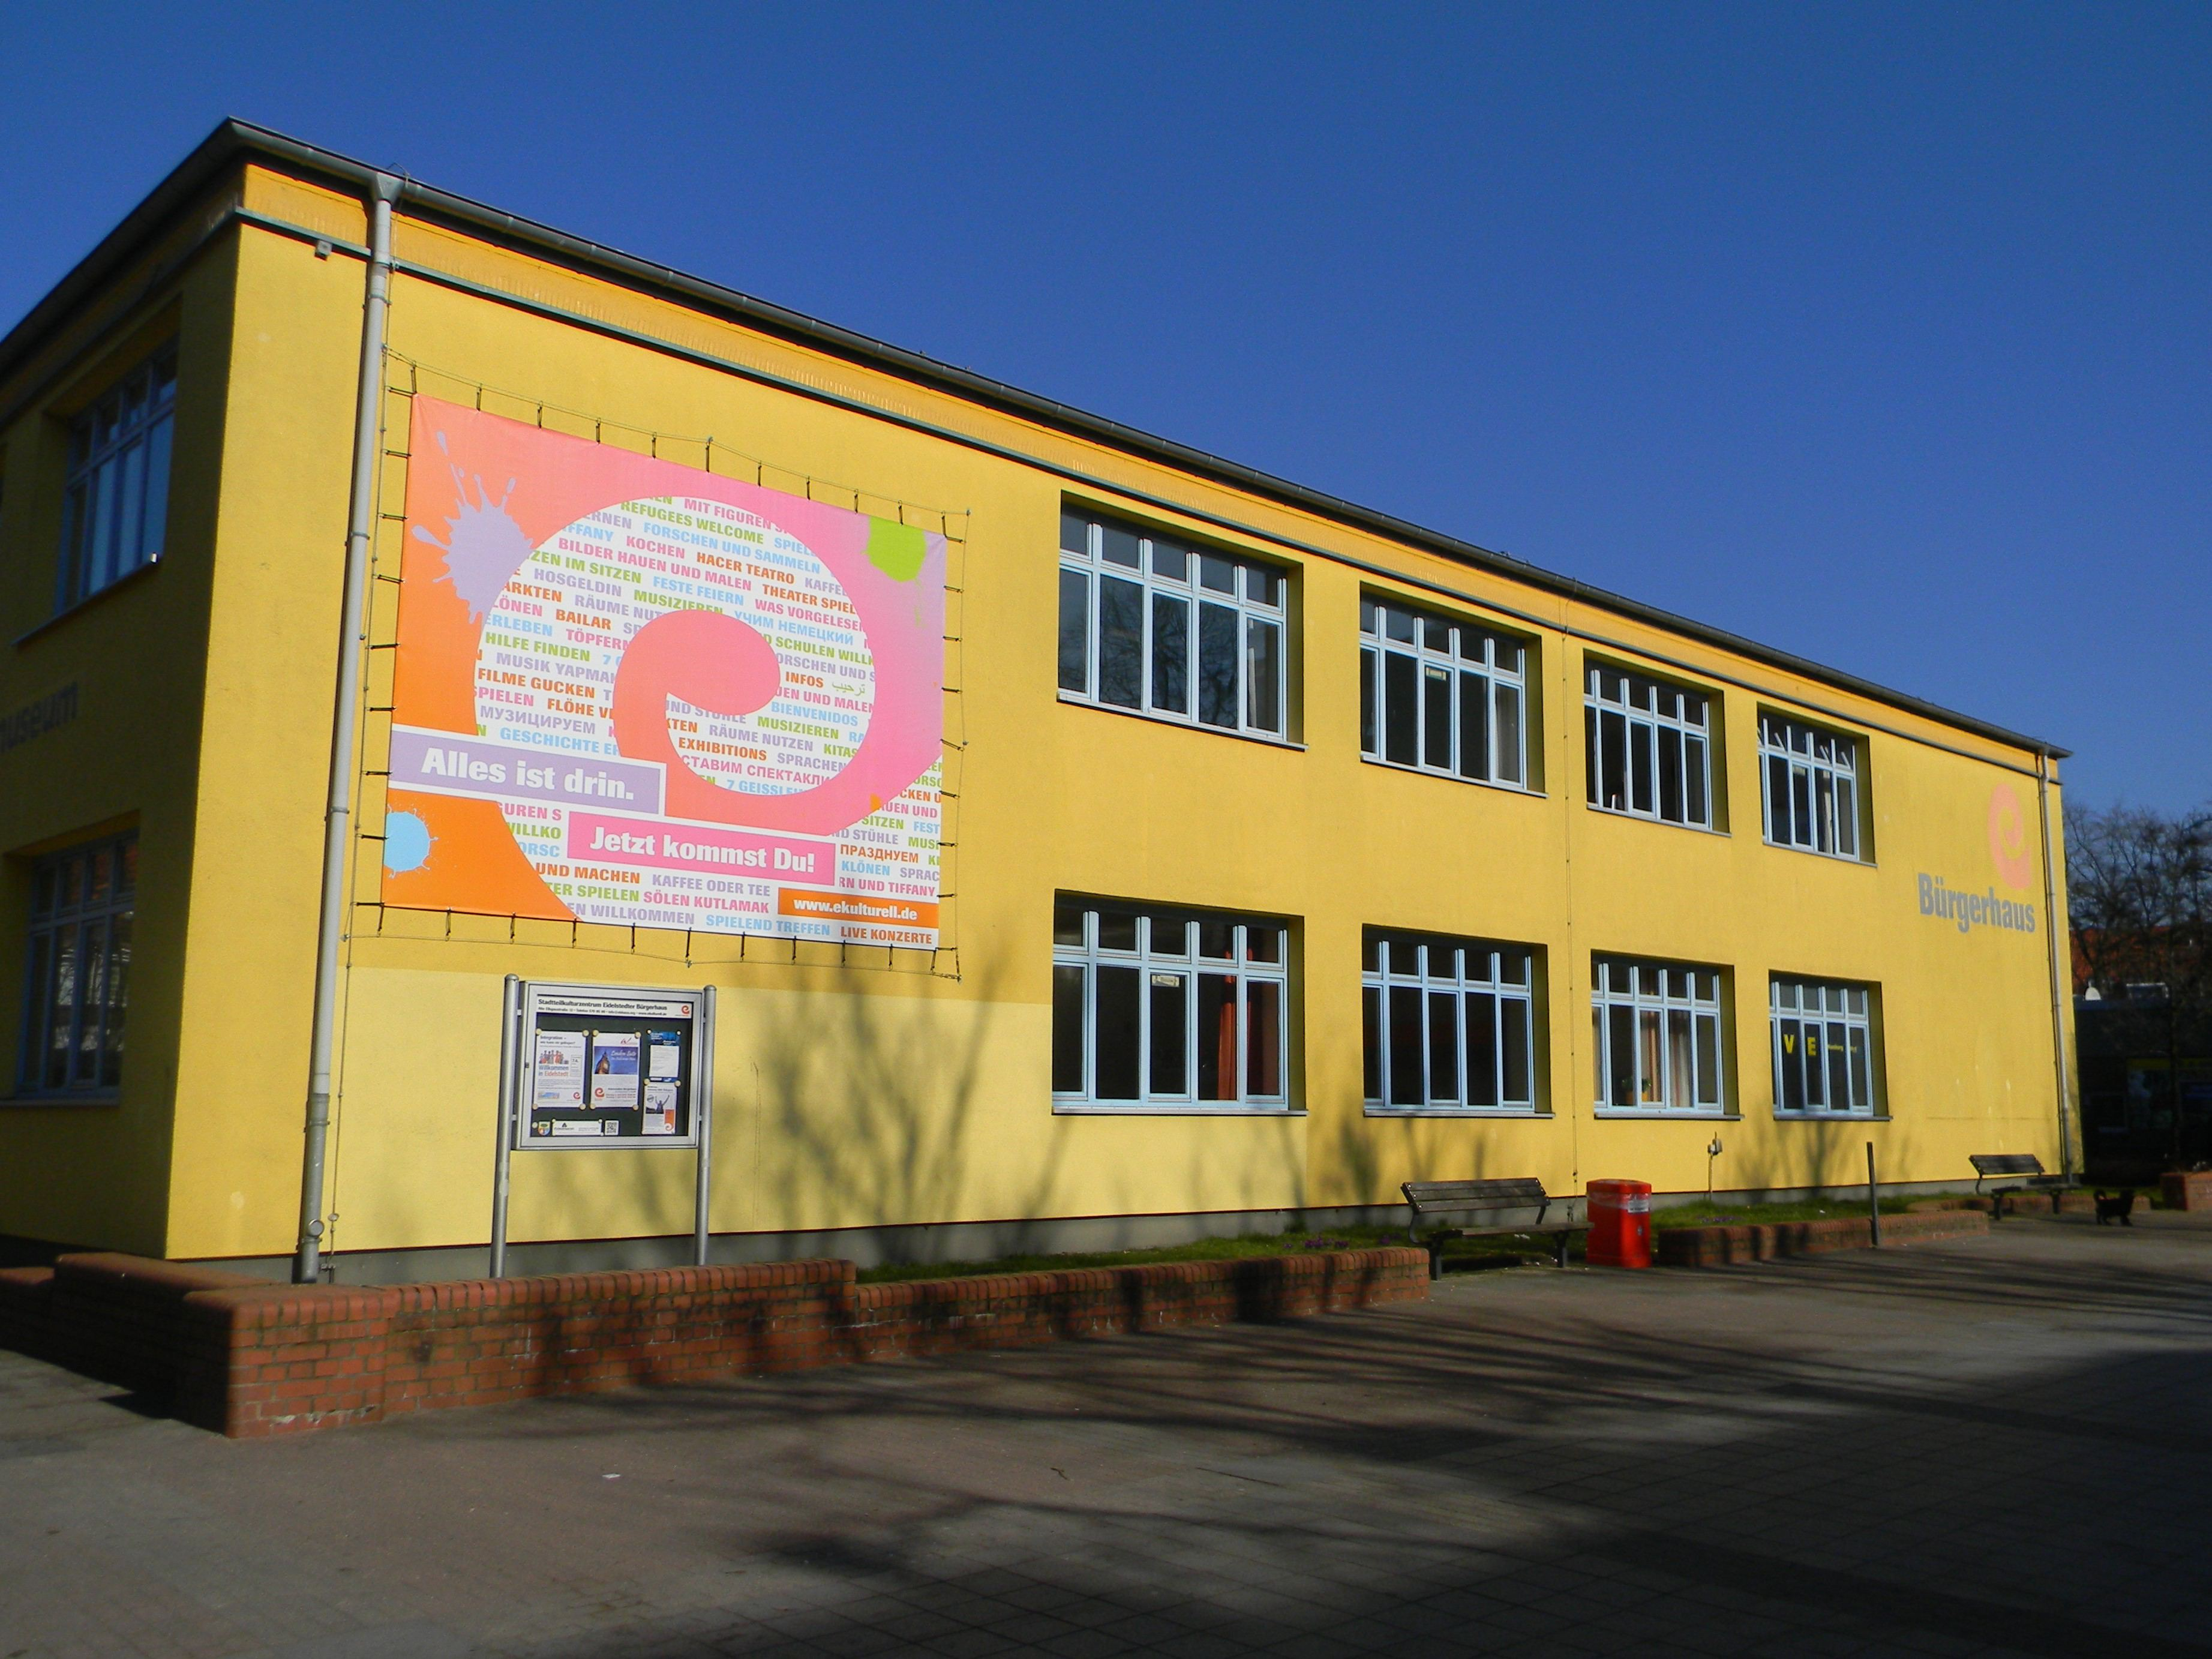 Am Eidelstedter Bürgerhaus ist es mehrfach zu Hakenkreuzschmierereien gekommen. Symbolfoto: Thomas Höltermann